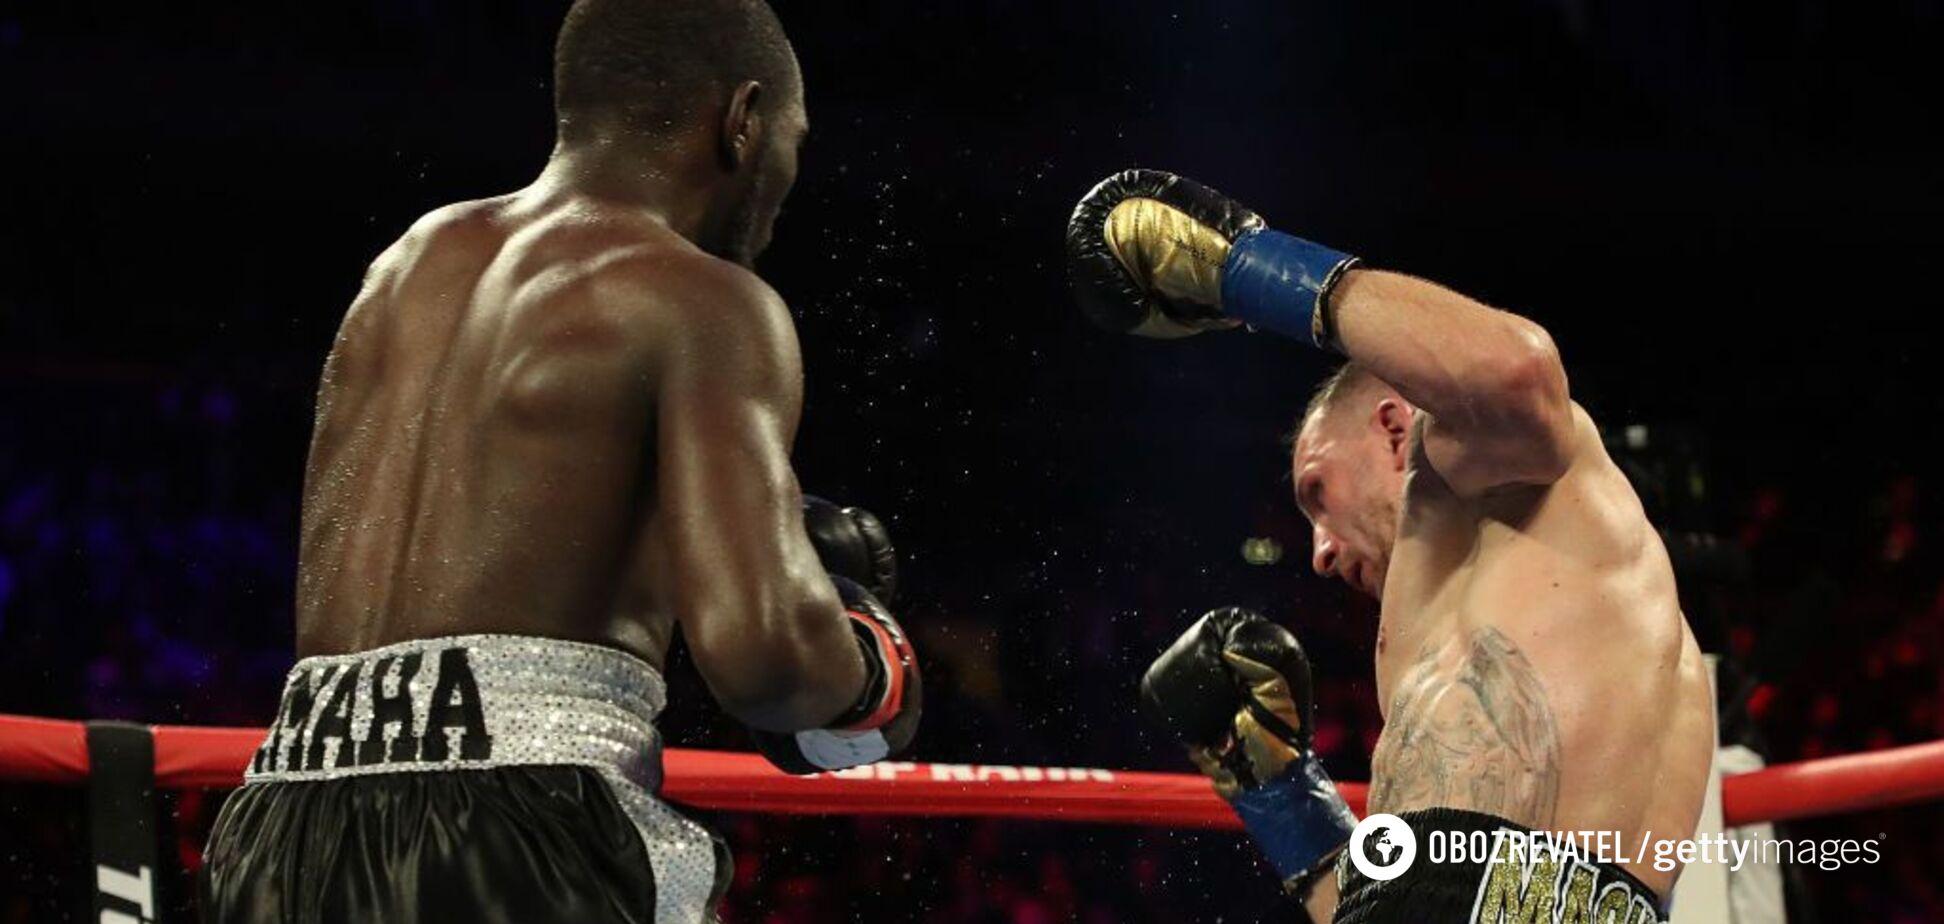 Один из лучших боксеров мира добыл яркую победу нокаутом в чемпионском бою